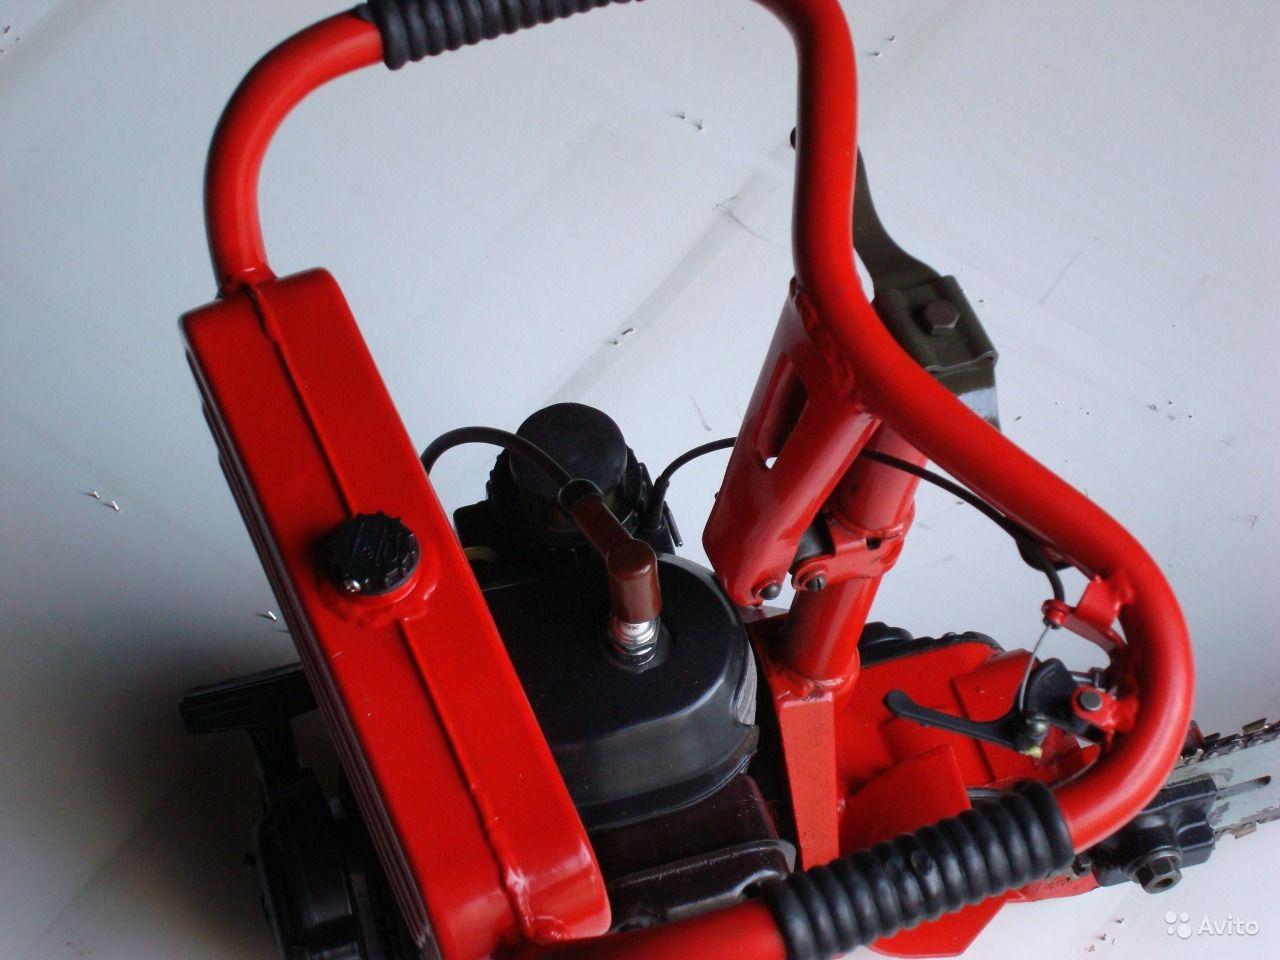 Бензопилы «урал» — плюсы, минусы, настройка, ремонт, обзор моделей